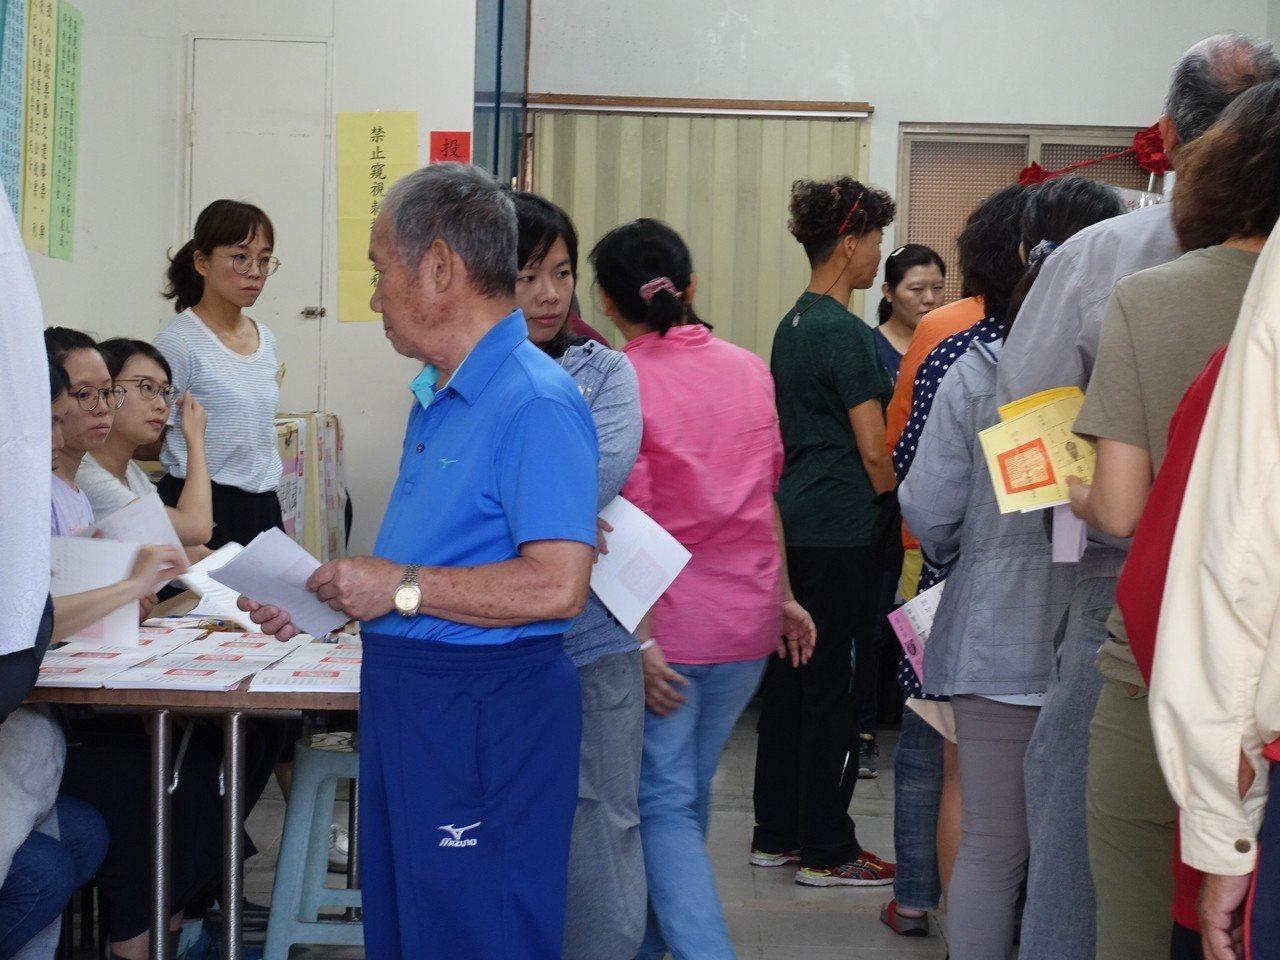 有的投票所場地太小,投票所內屢出現「塞車」。記者翁禎霞/攝影